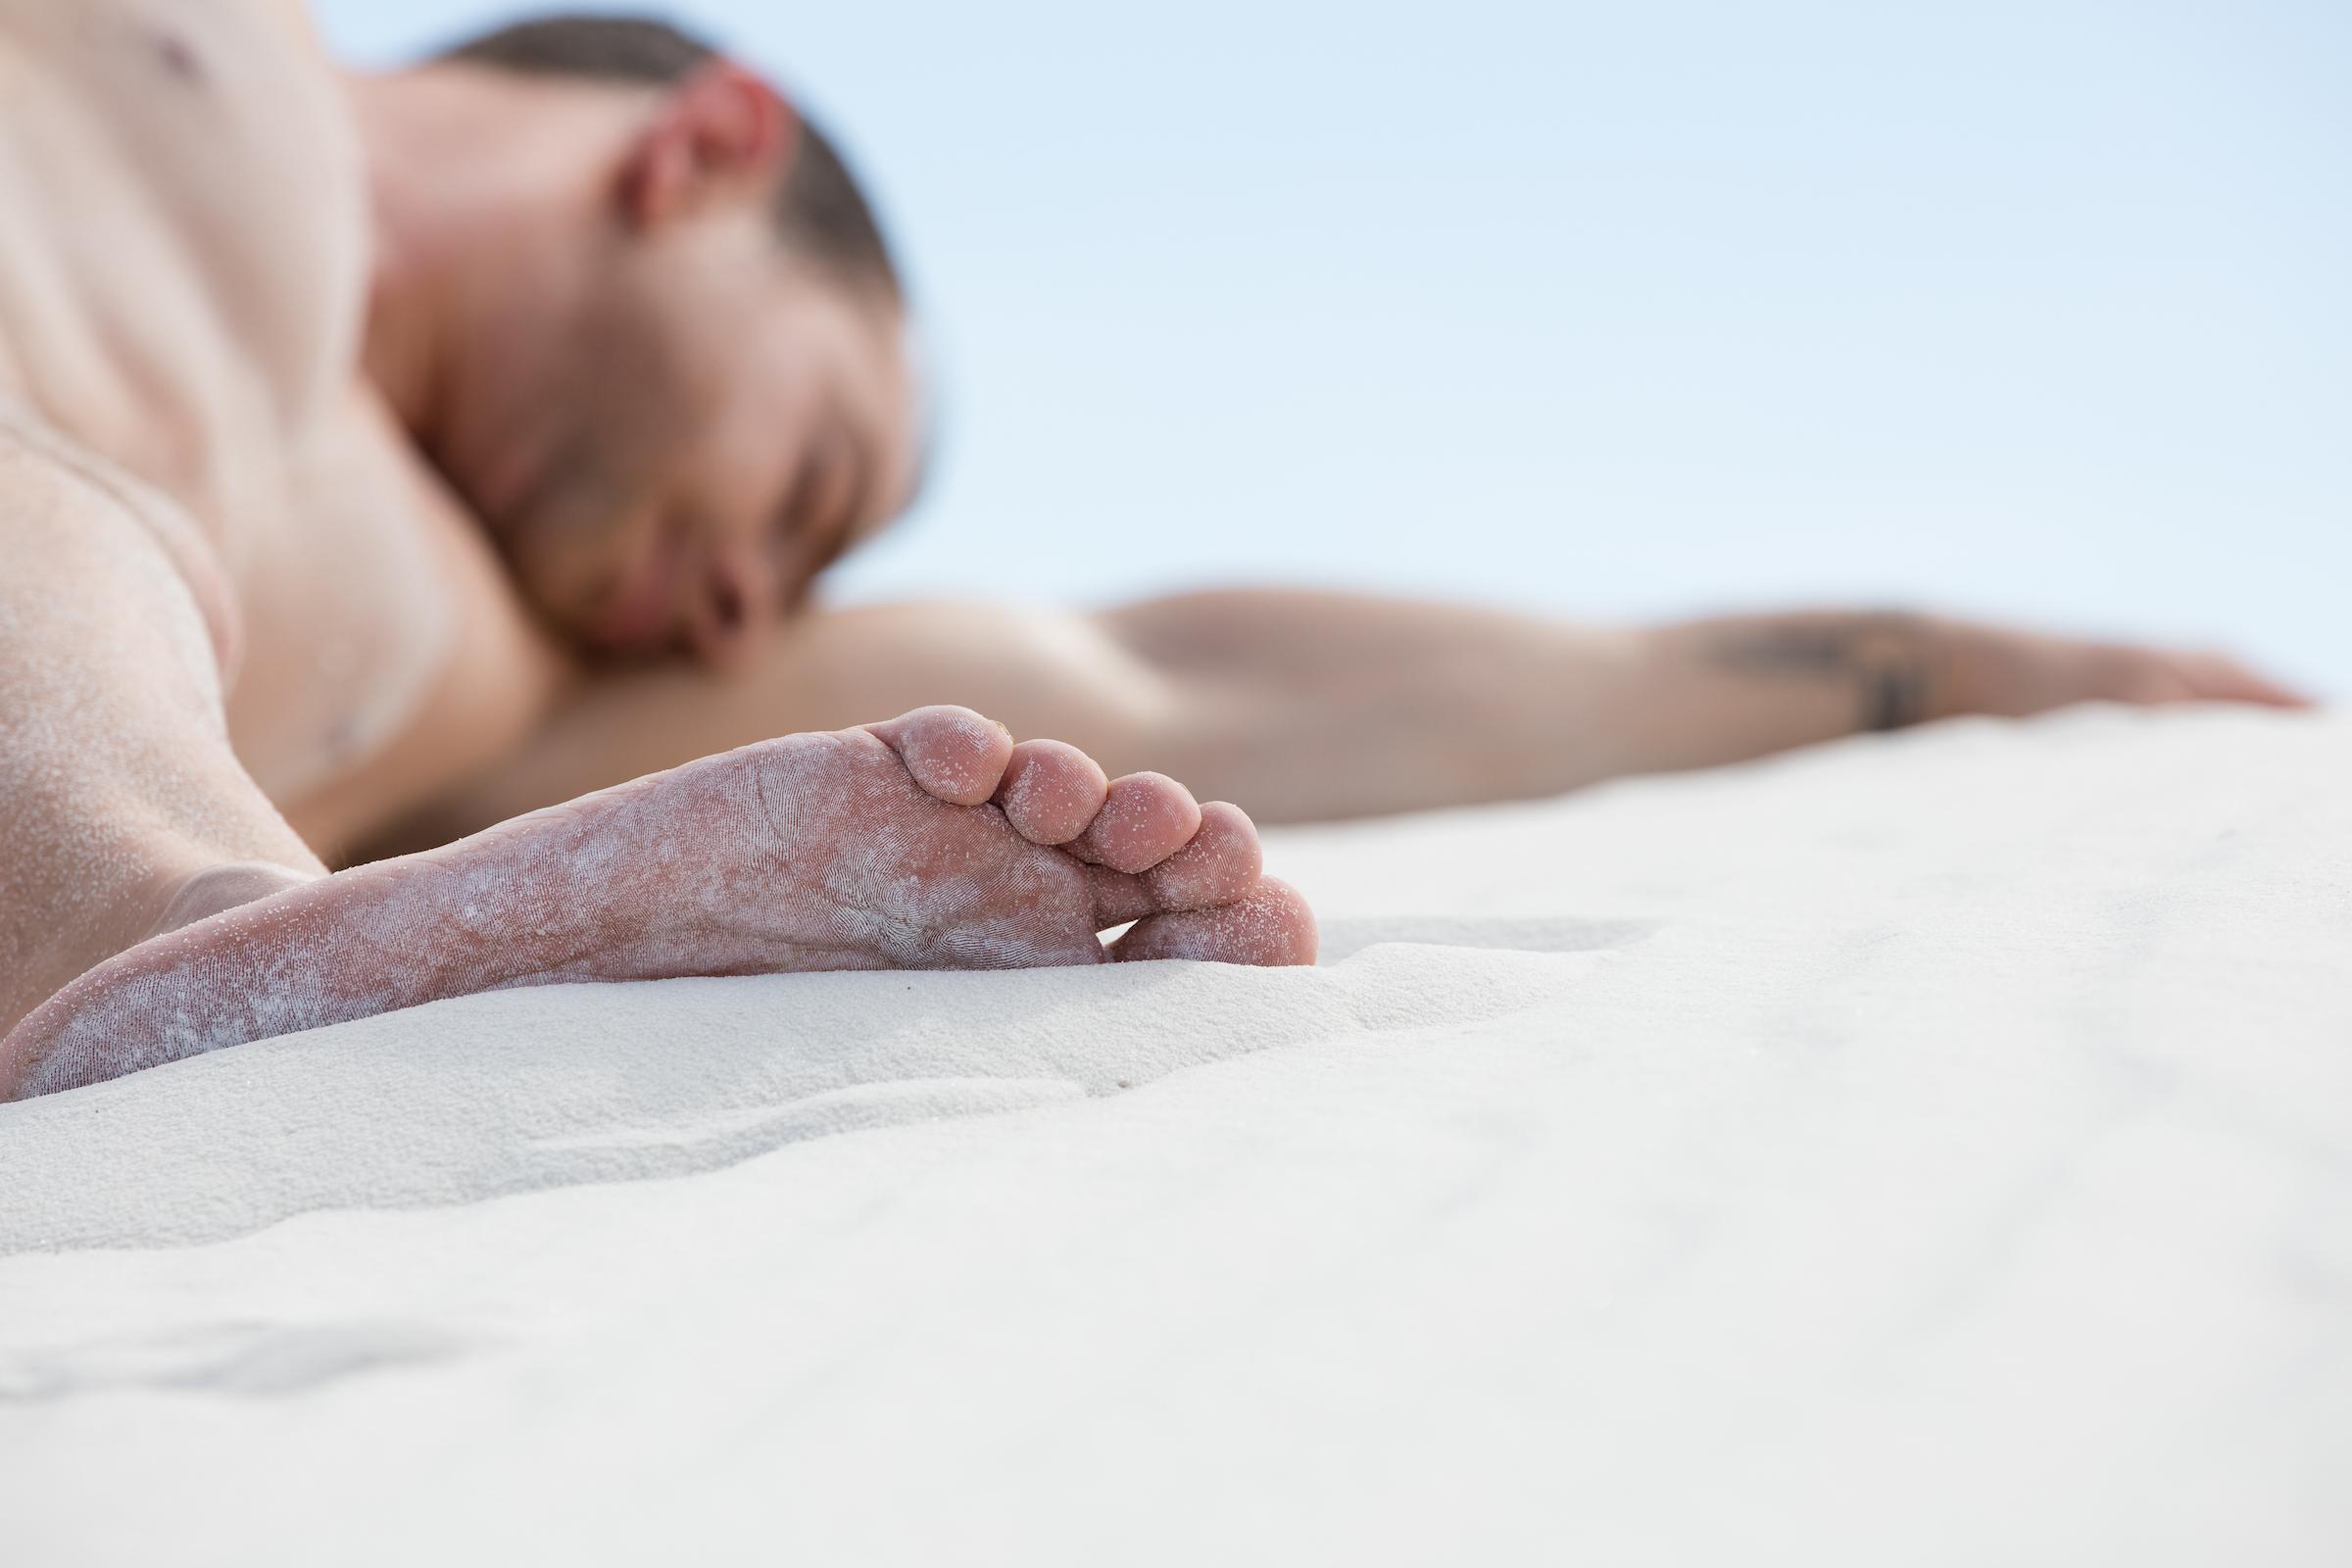 man-sleeping-in-sand.jpg